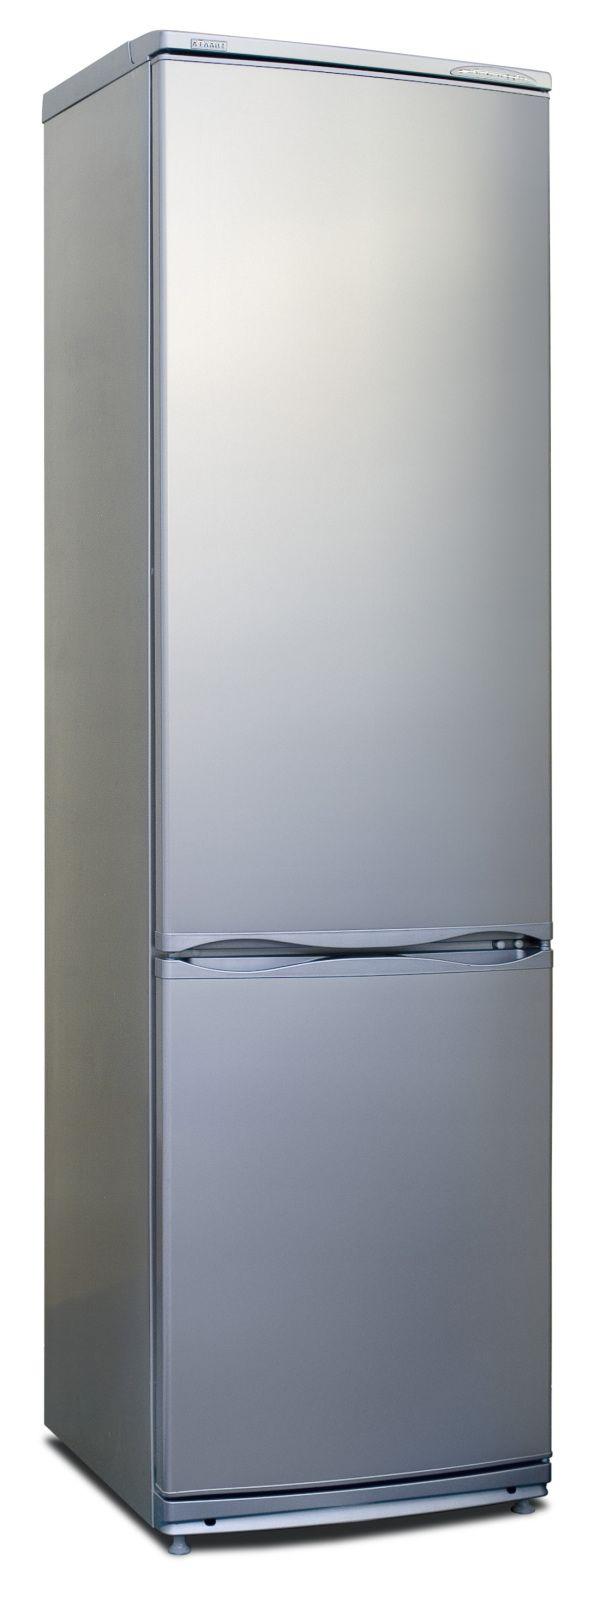 купить холодильник в краснодаре недорого